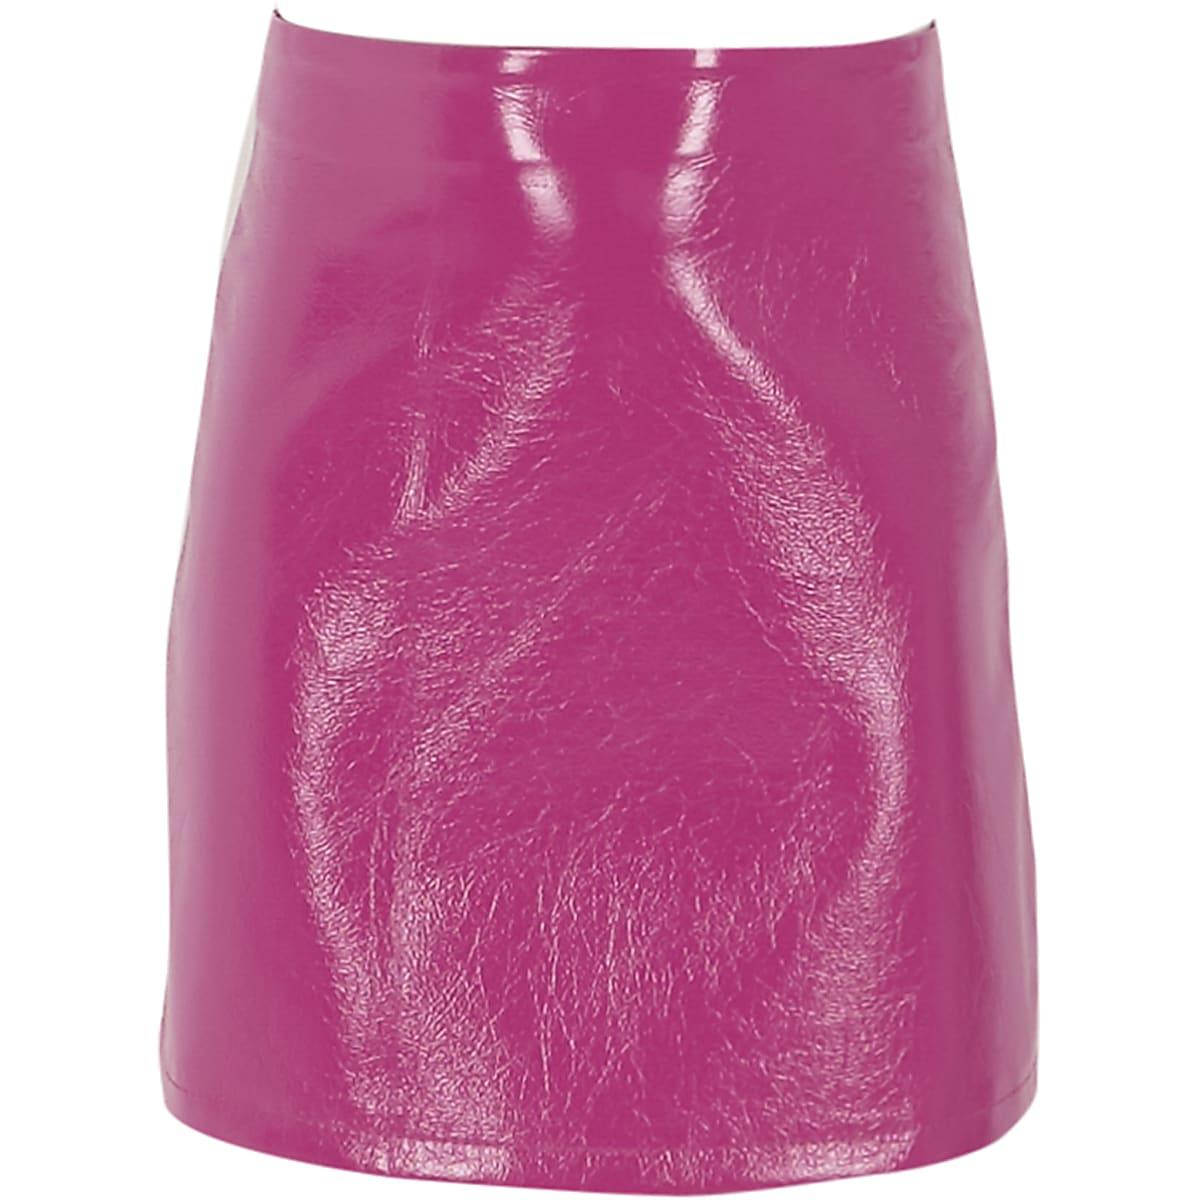 Girls pink vinyl A line skirt